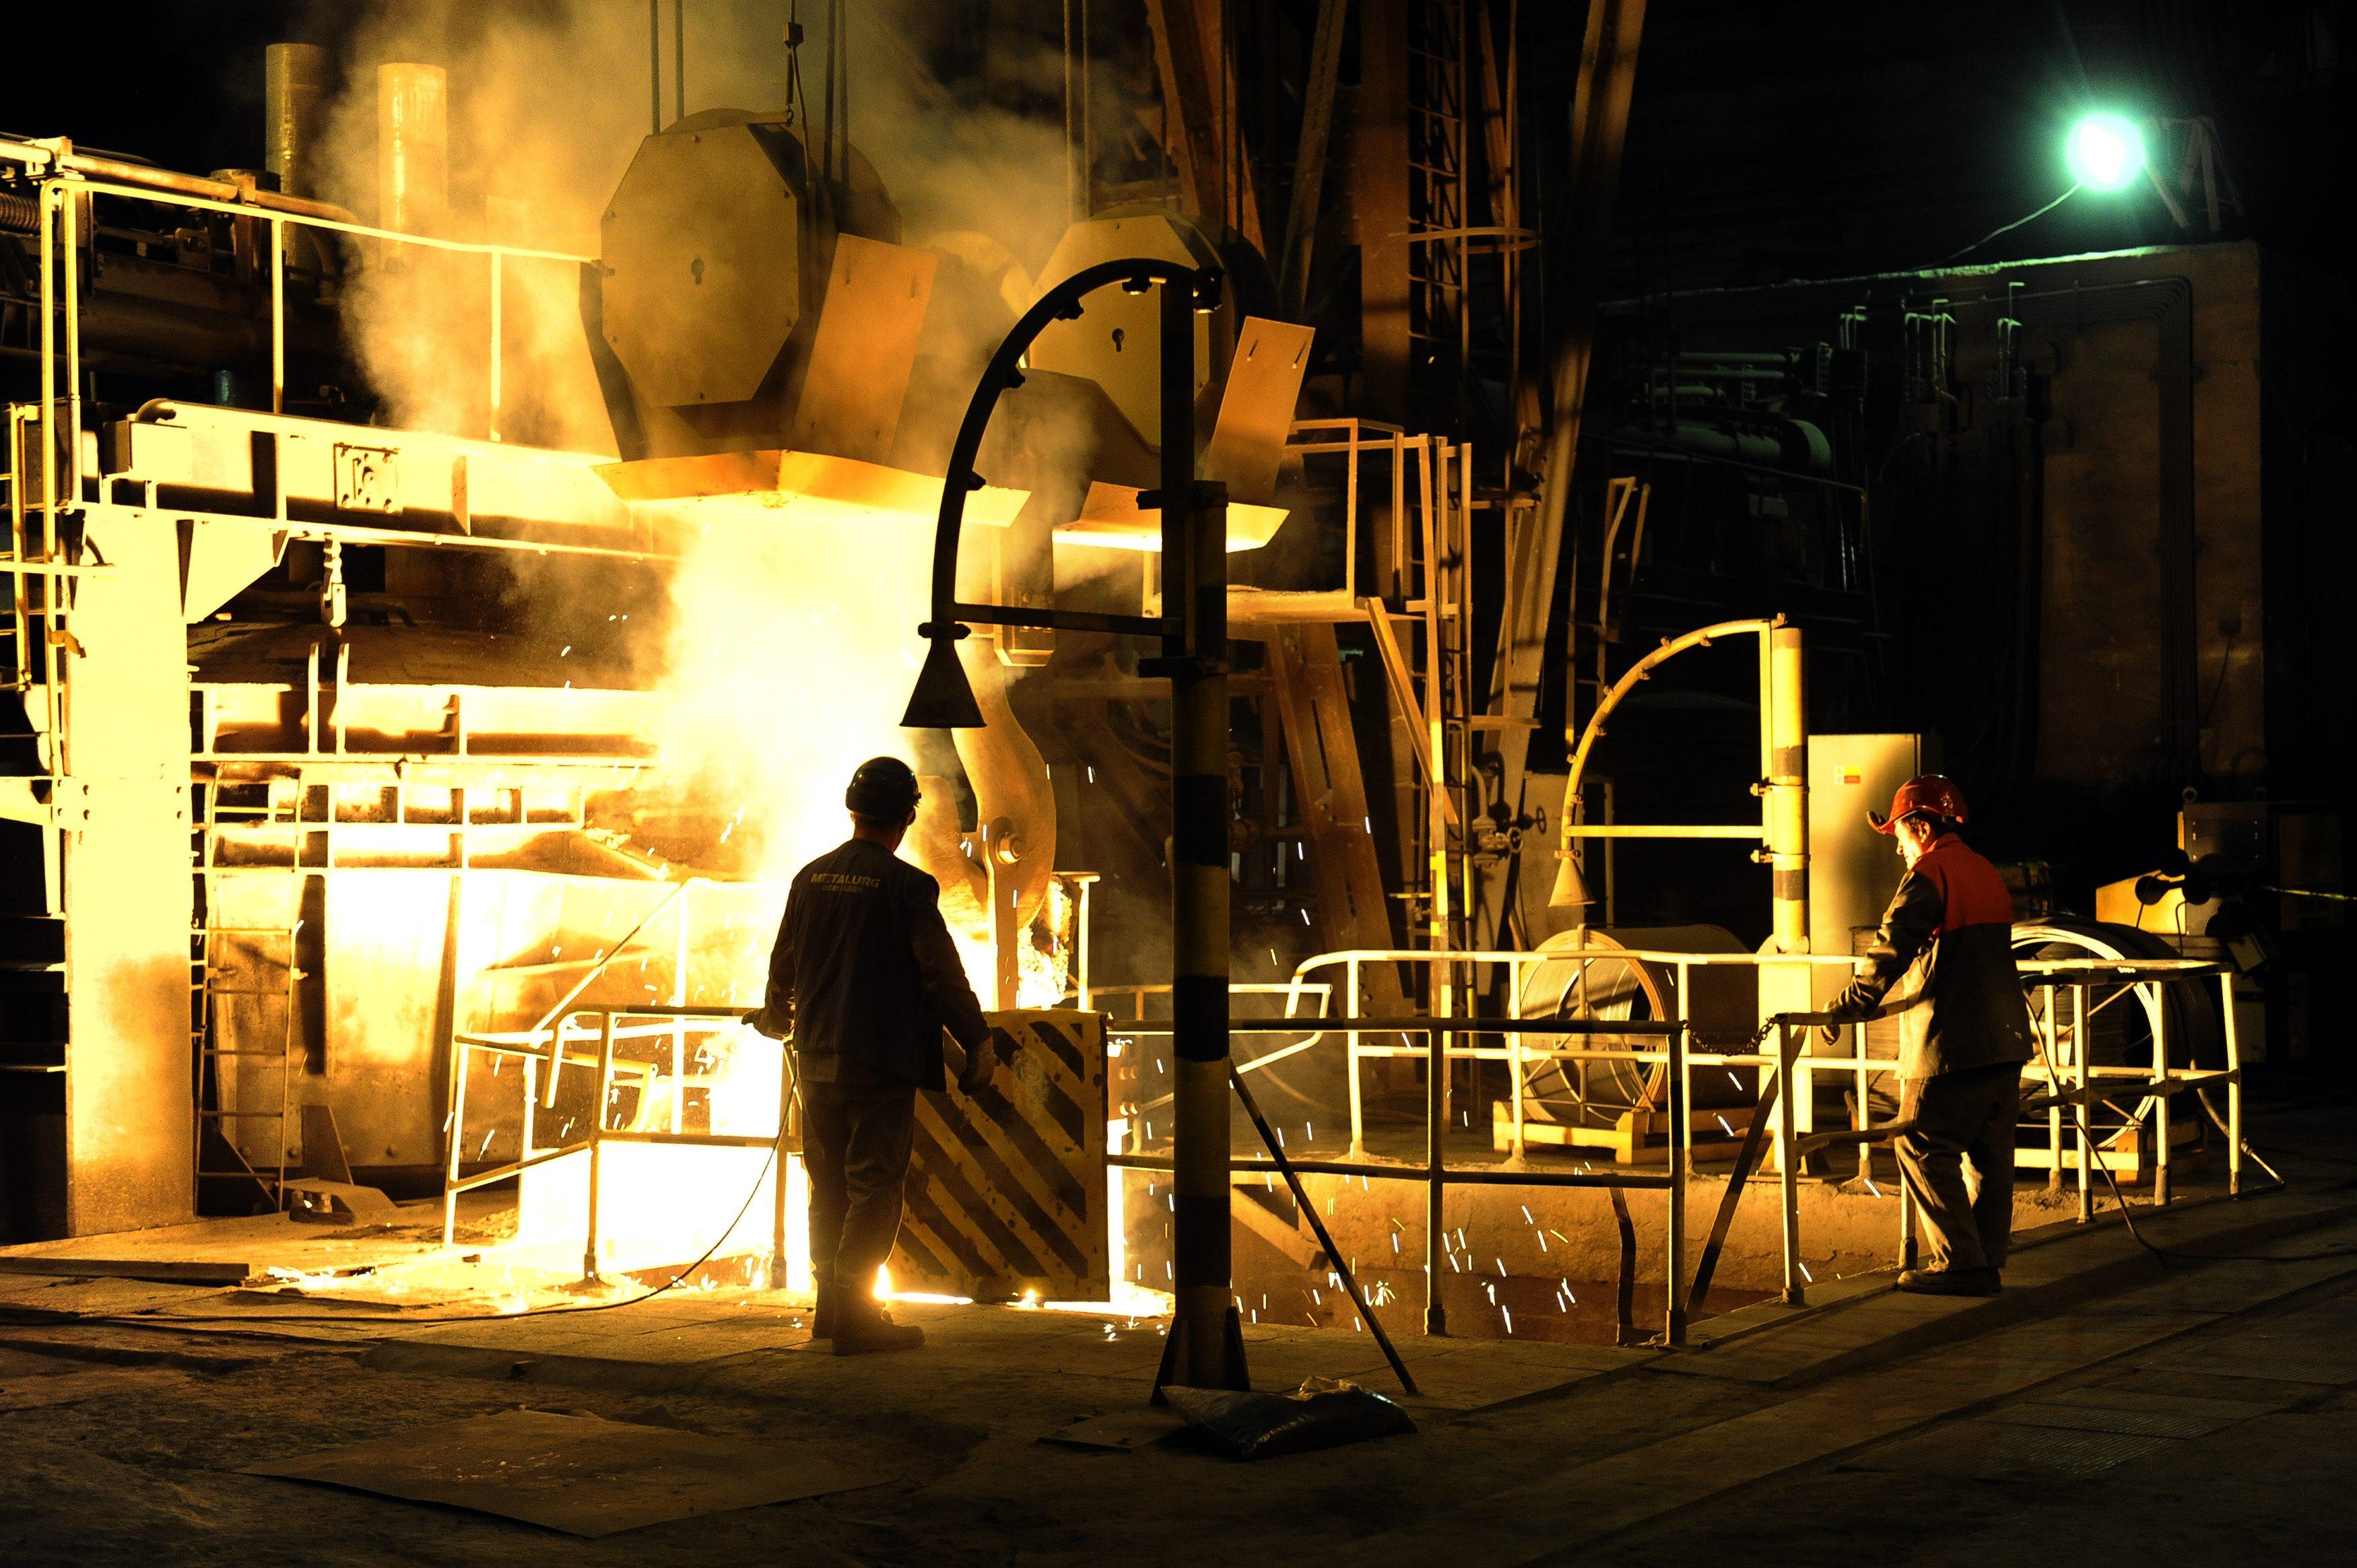 čínska oceľ, dubnický metalurgický kombinát